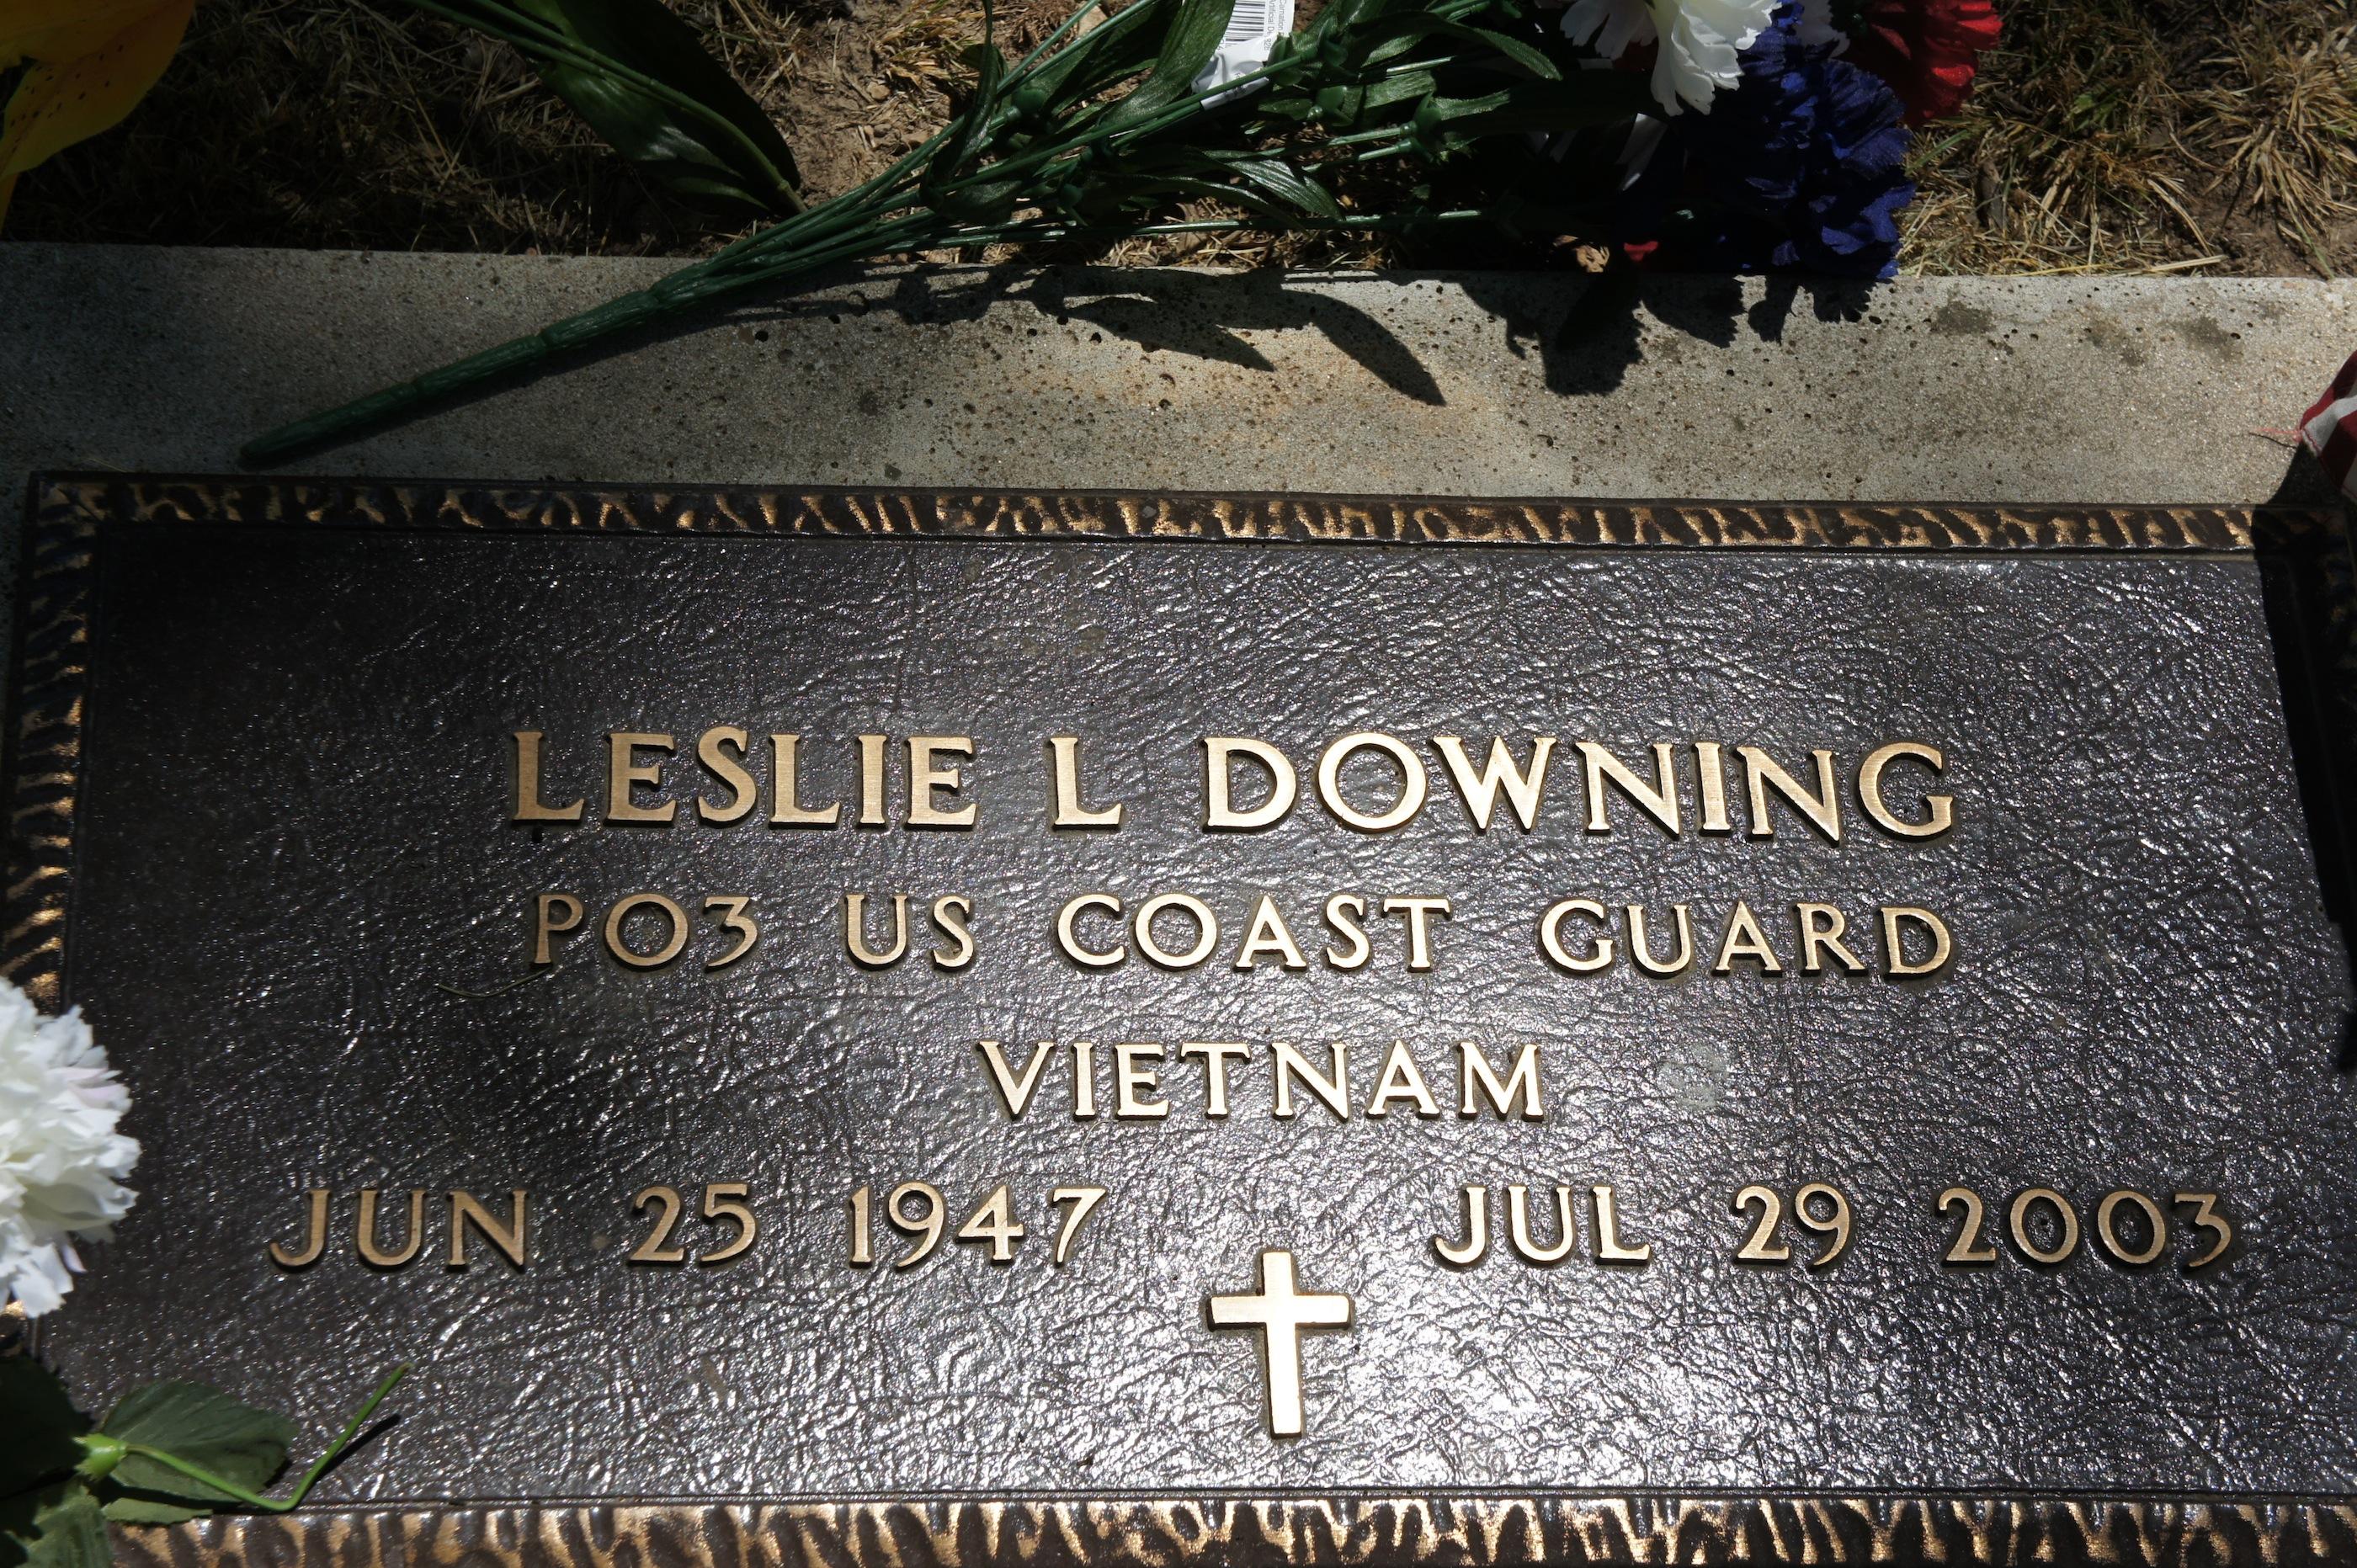 Leslie L Downing